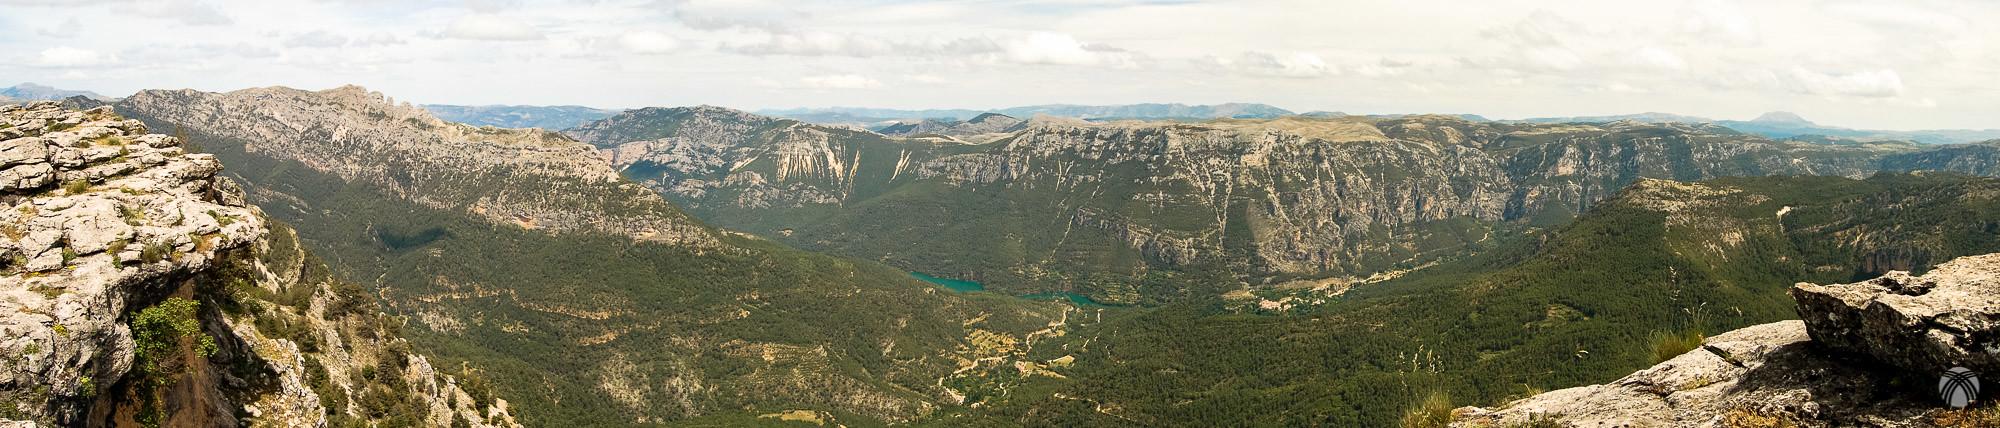 Panorámica del embalse de Anchuricas y la cuenca alta